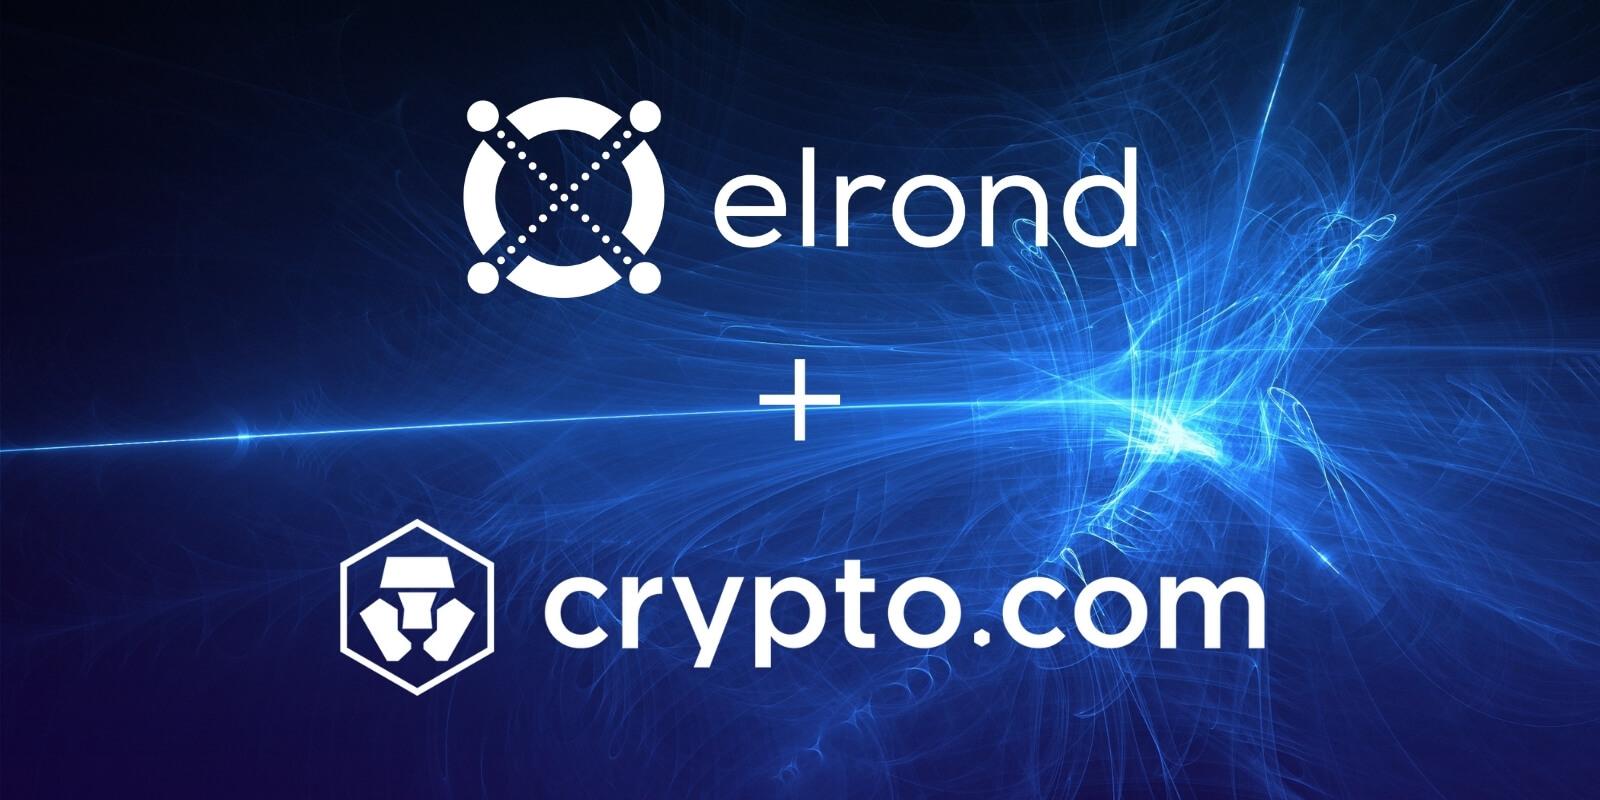 Crypto.com liste l'eGLD et organise une vente à moitié prix pour le token